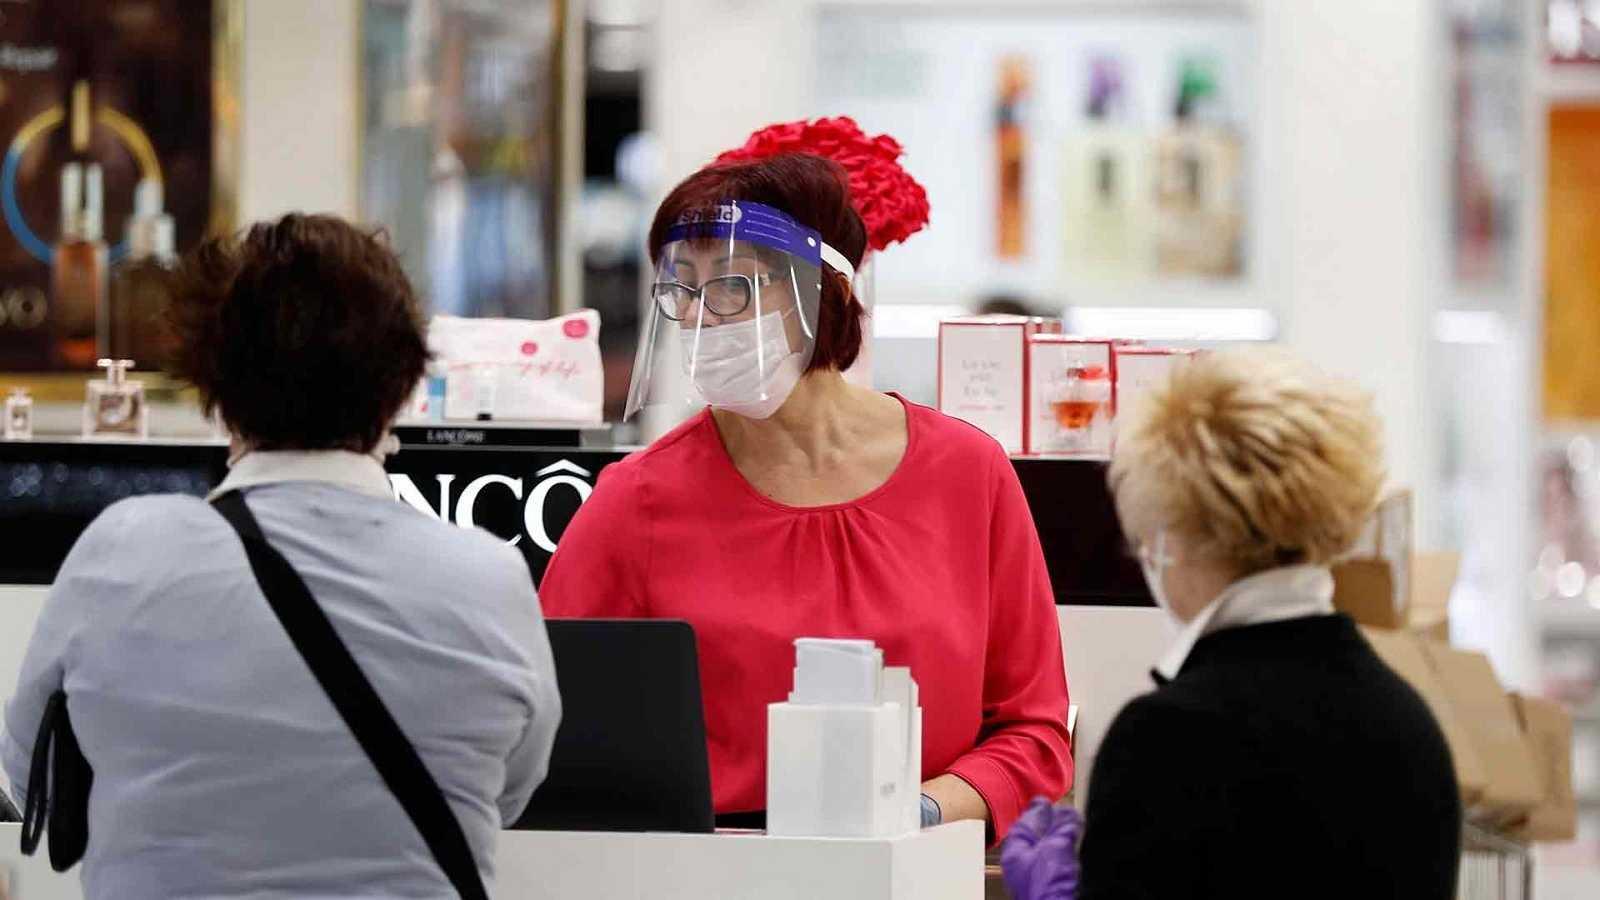 Una dependienta con mascarilla atiende a clientas que compran mascarillas en un supermercado